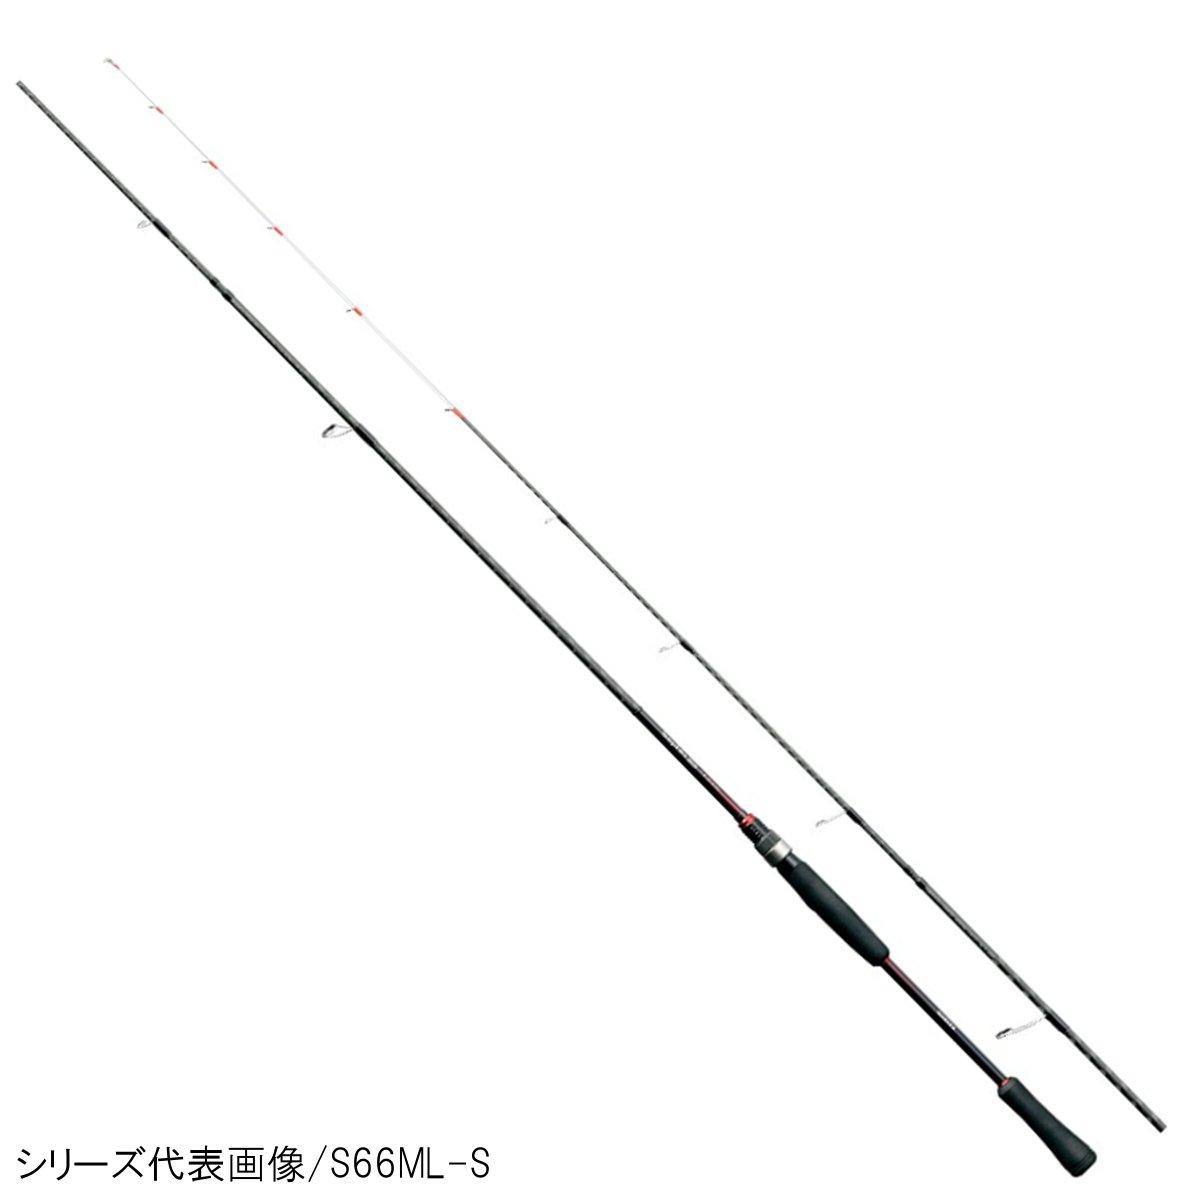 シマノ セフィア BB ティップエギング S70ML-S